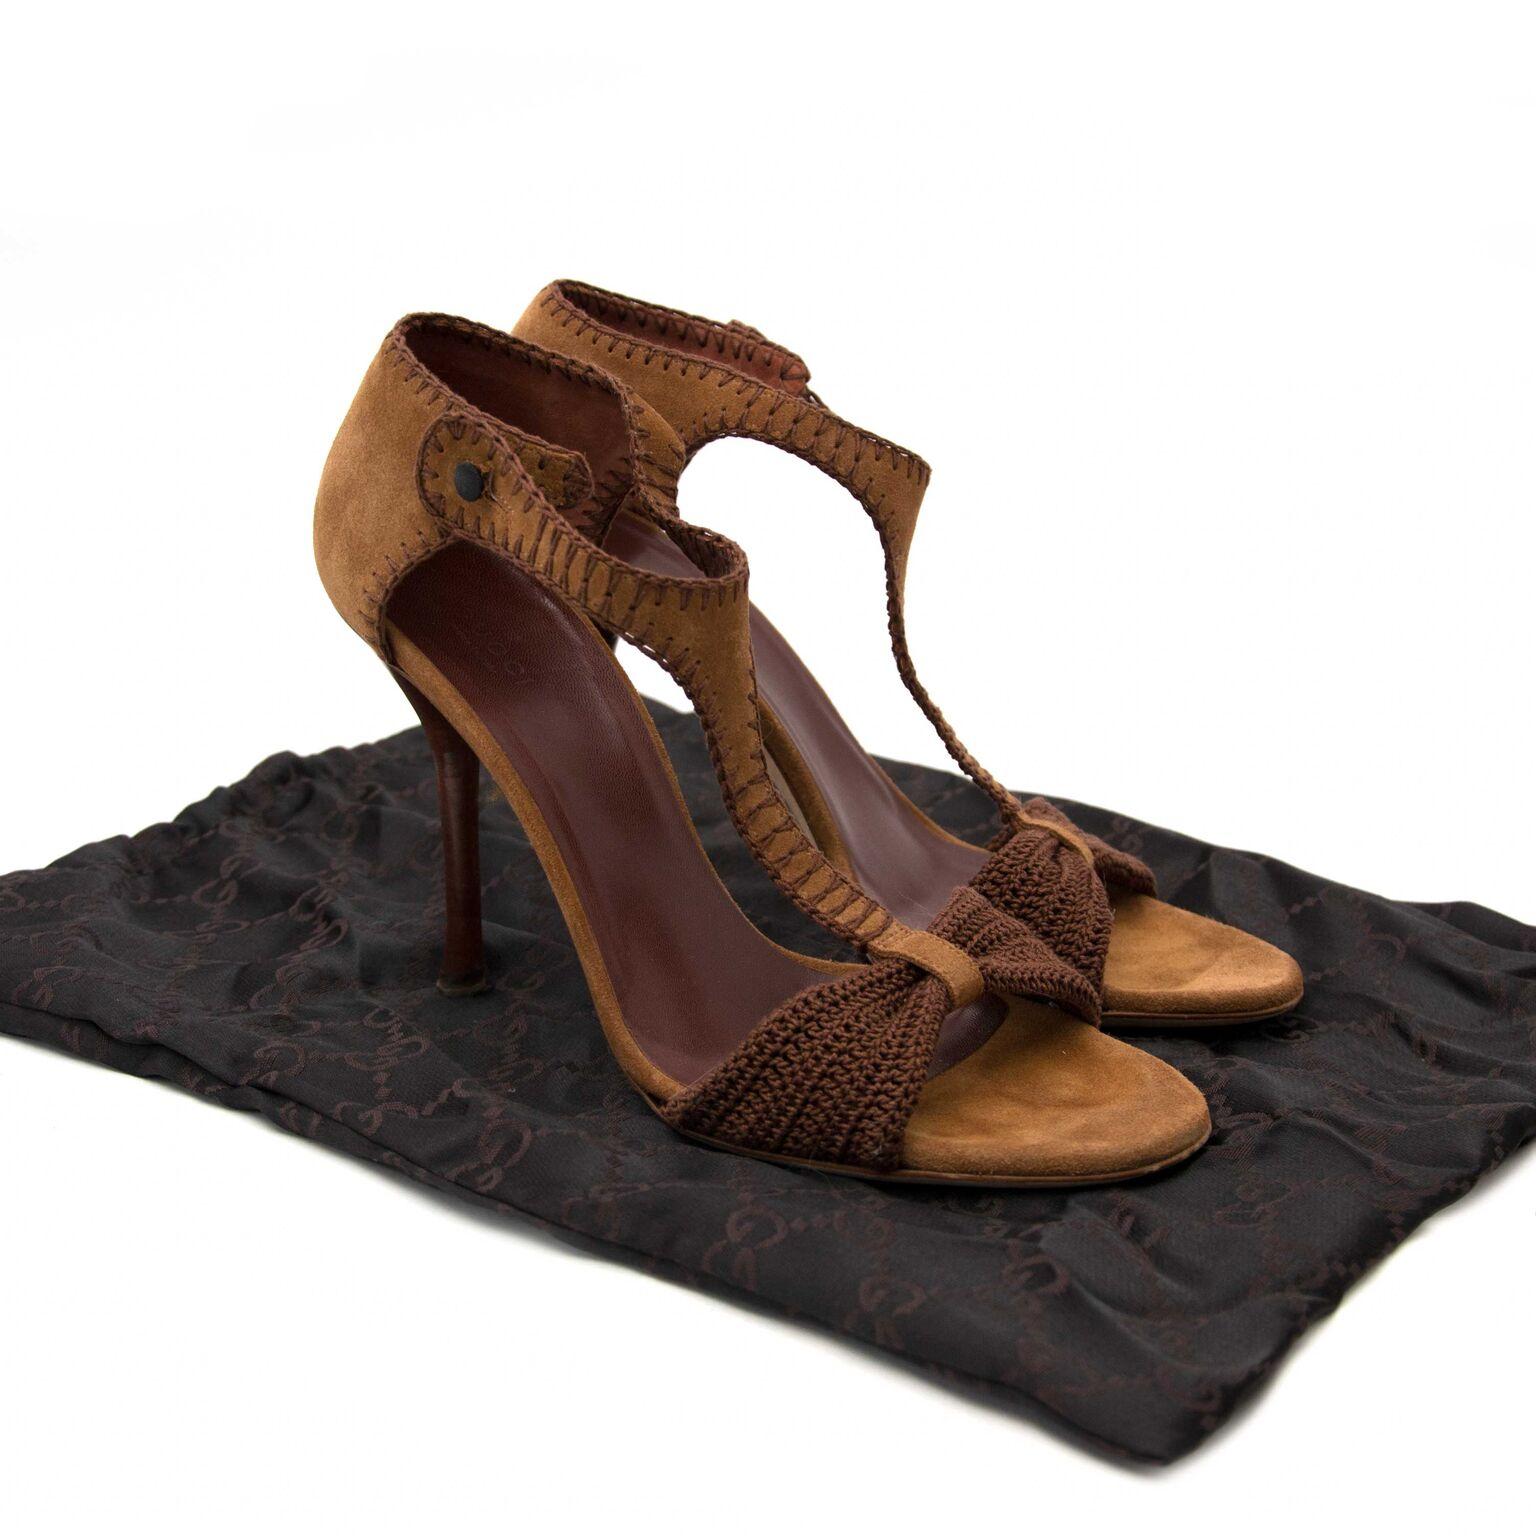 achetez belle gucci chaussures chez labellov.com